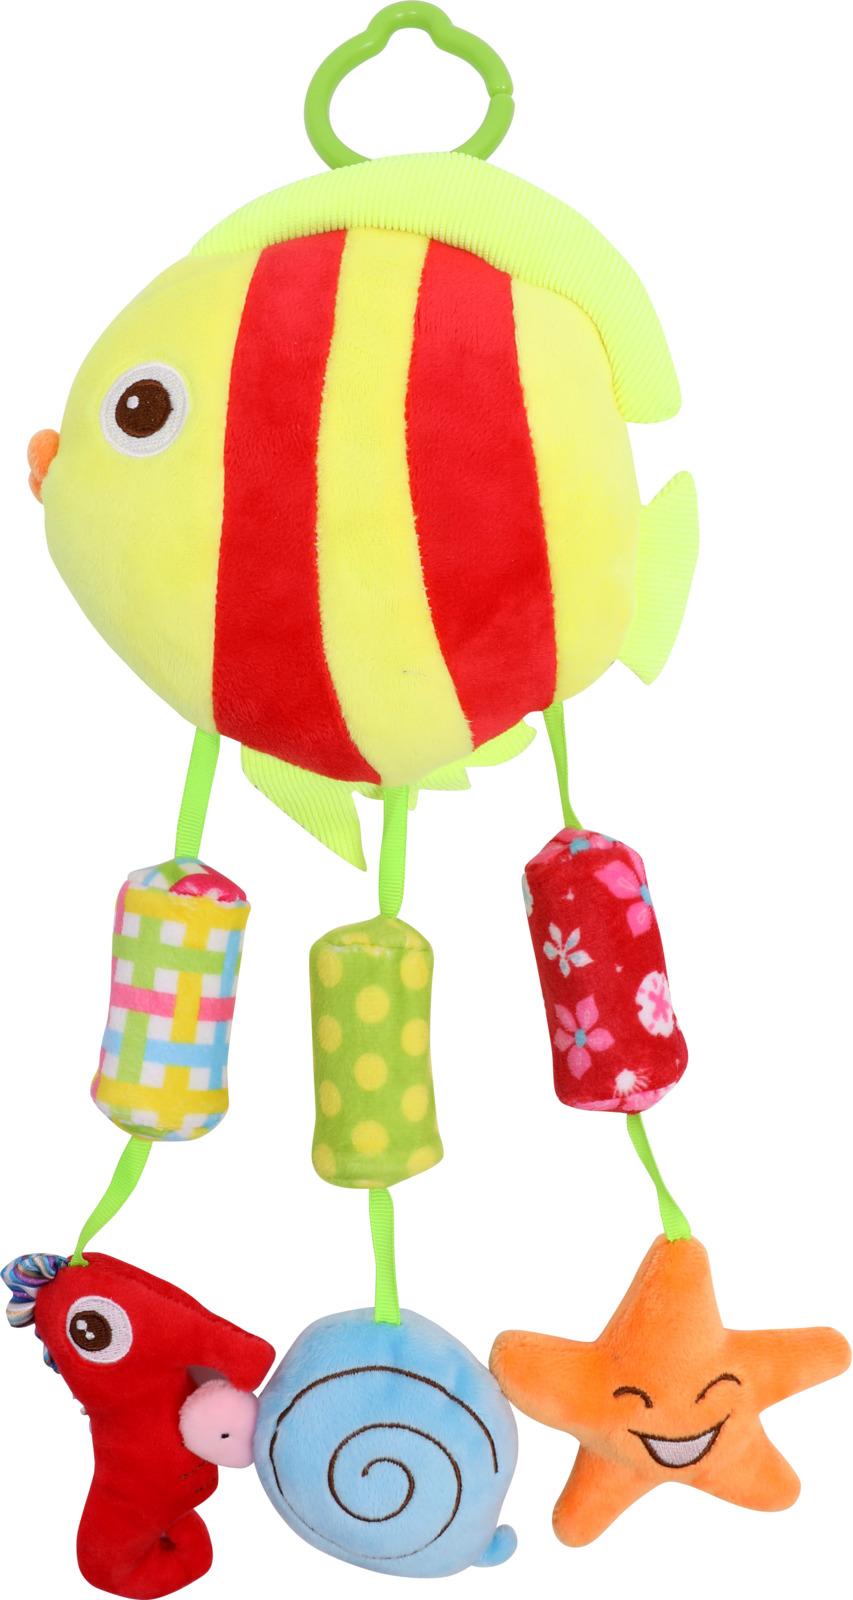 Подвесная мягкая игрушка Lorelli Toys Рыбка и компания. 10191230001 для младенцев мягкая игрушка запястье погремушки ножки